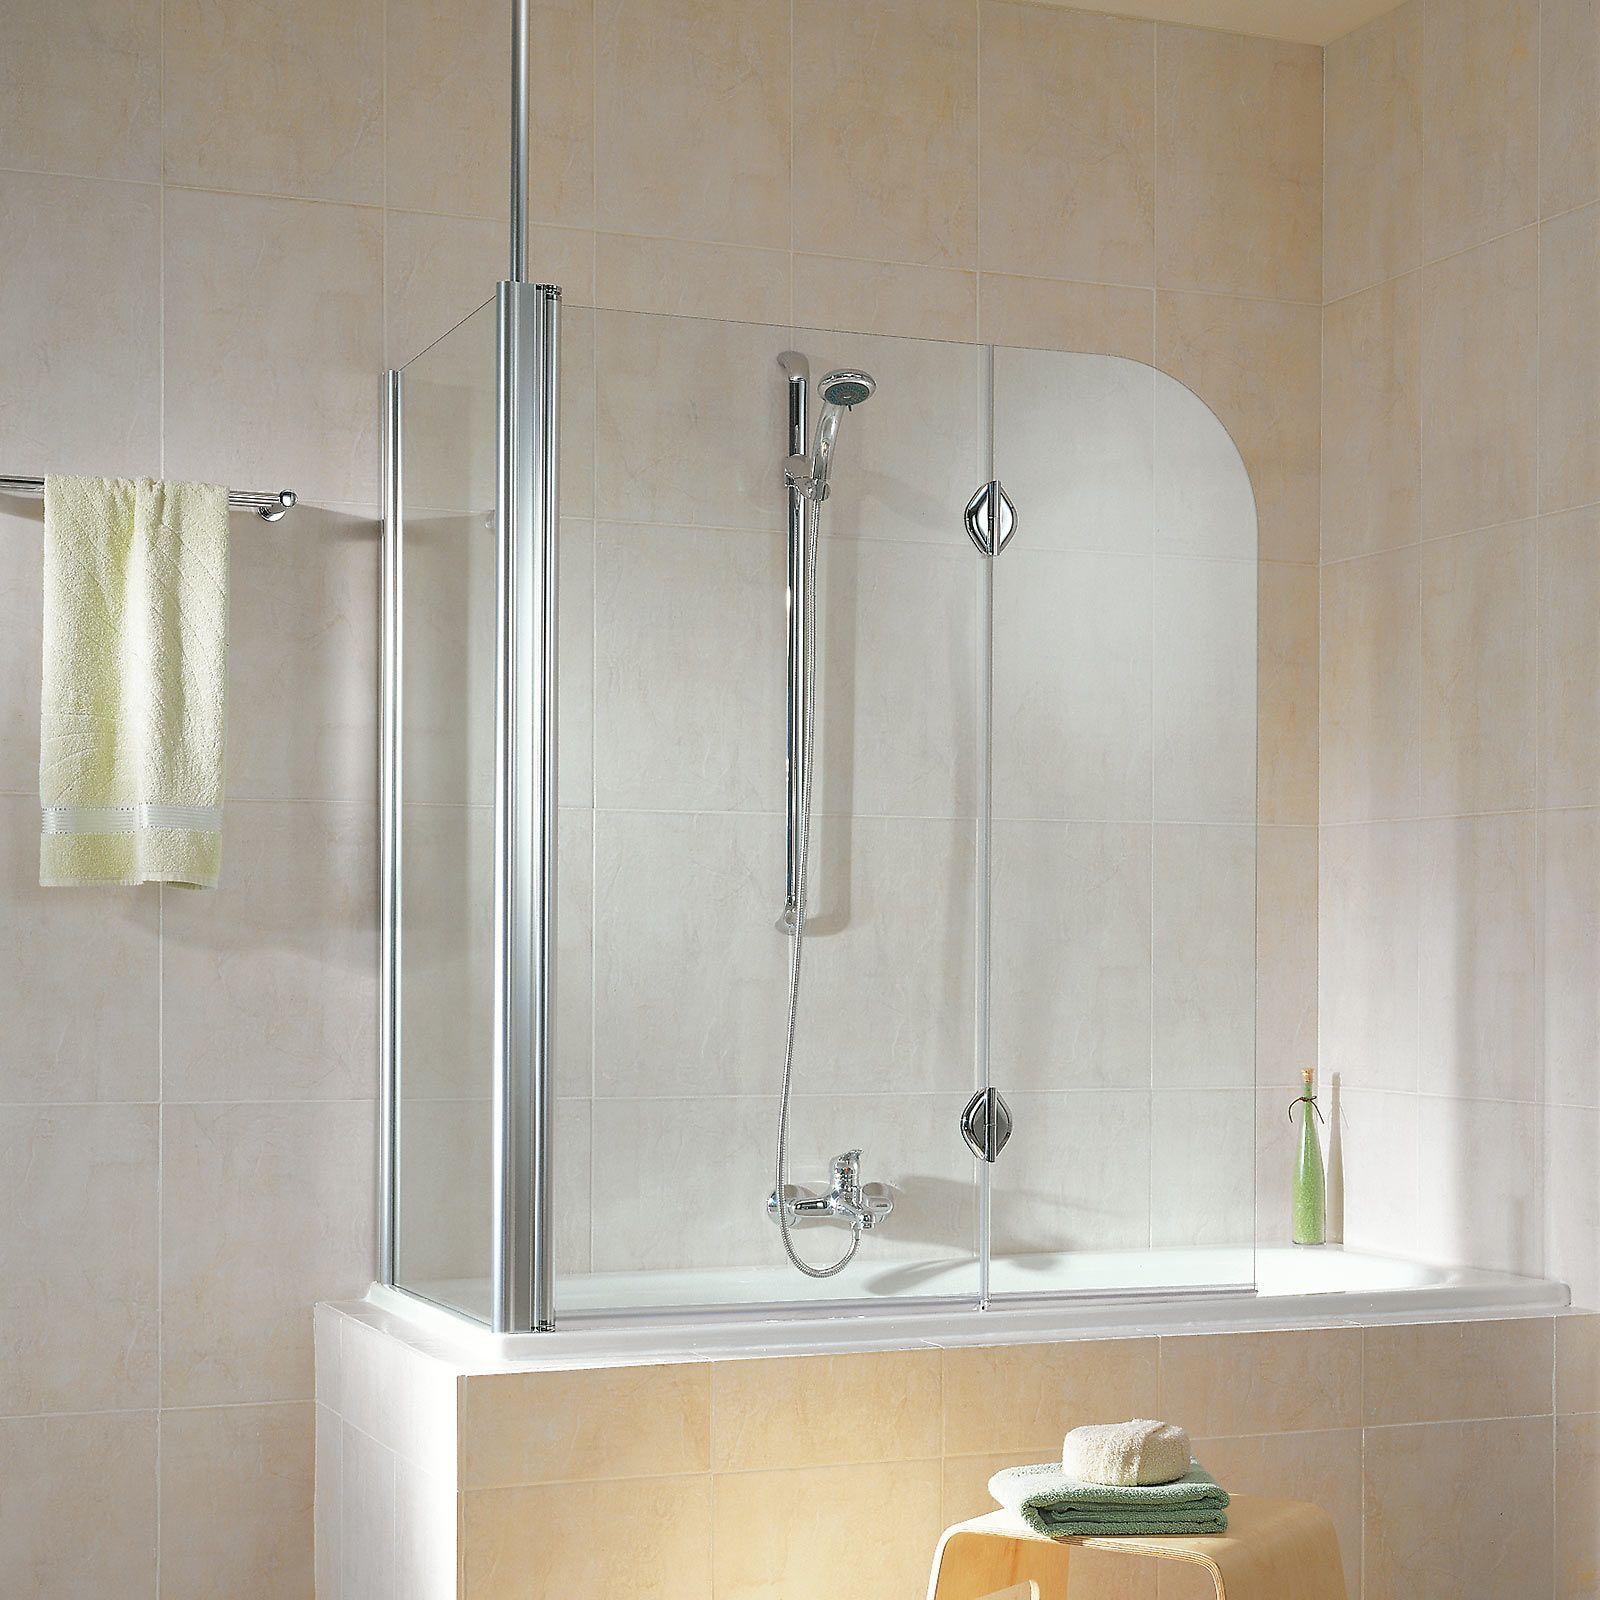 Schulte Duschabtrennung Badewannenfaltwand Komfort Teilgerahmt 2 Teilig Garant Duschabtrennung Duschabtrennung Badewanne Bad Inspiration